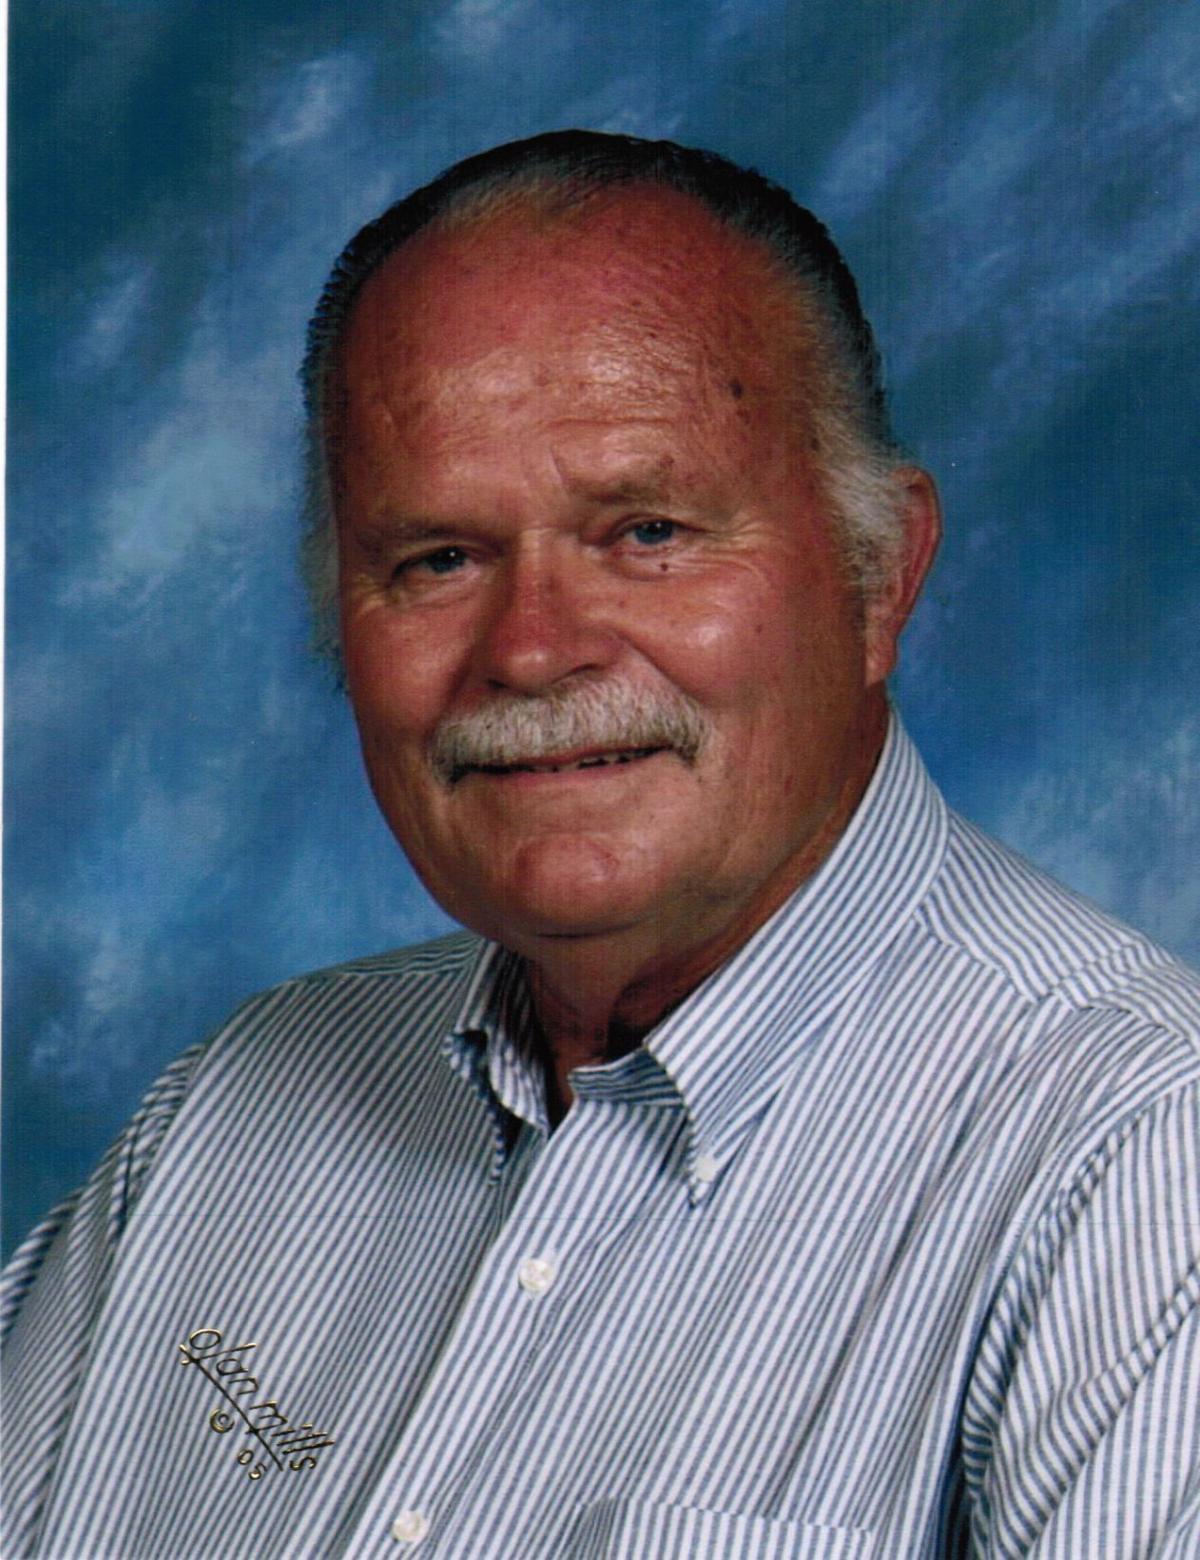 Darryl Phillip Magnuson